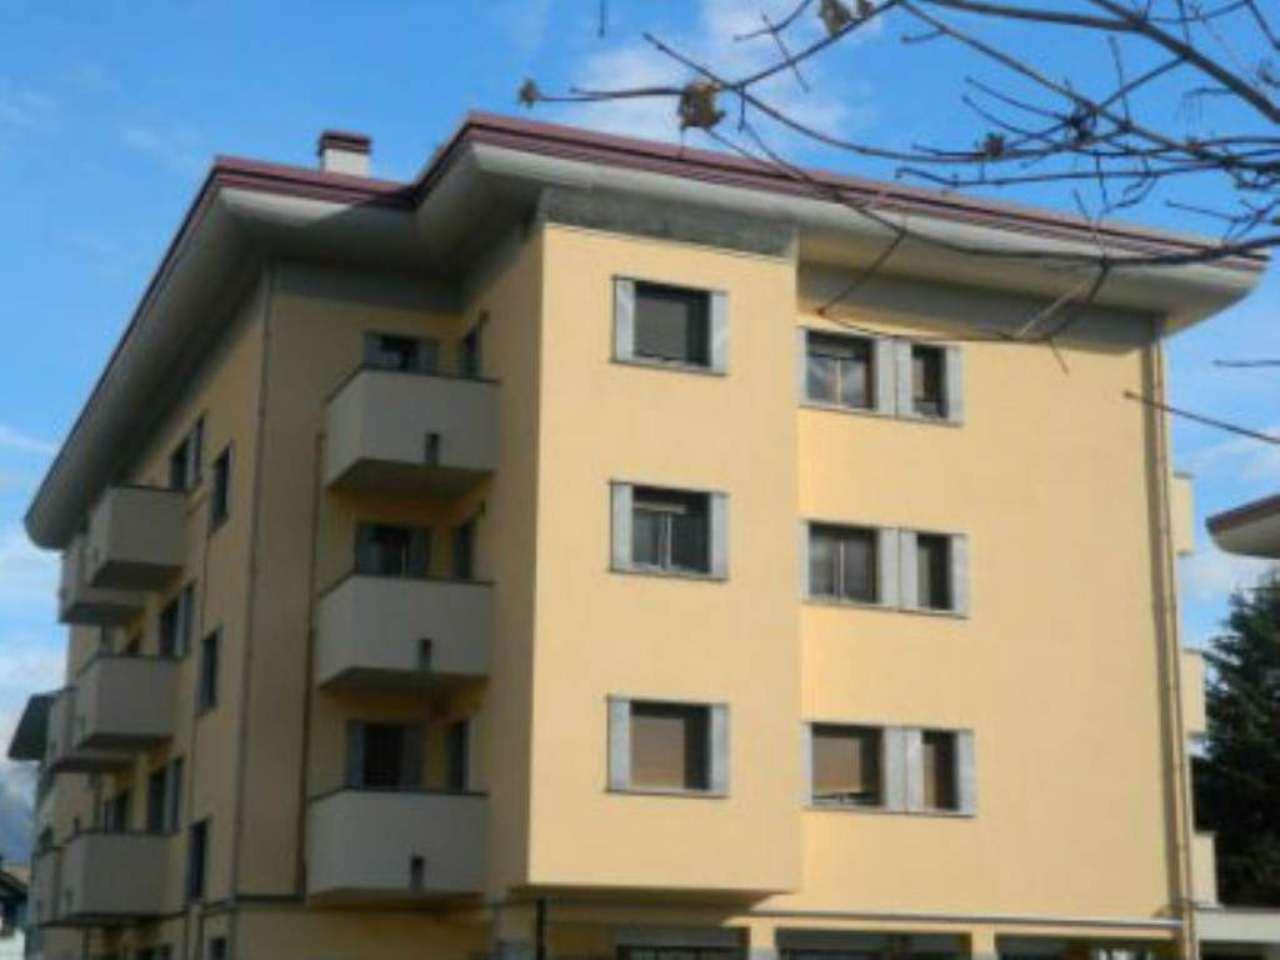 Ufficio / Studio in vendita a Sondrio, 4 locali, prezzo € 135.000 | Cambio Casa.it